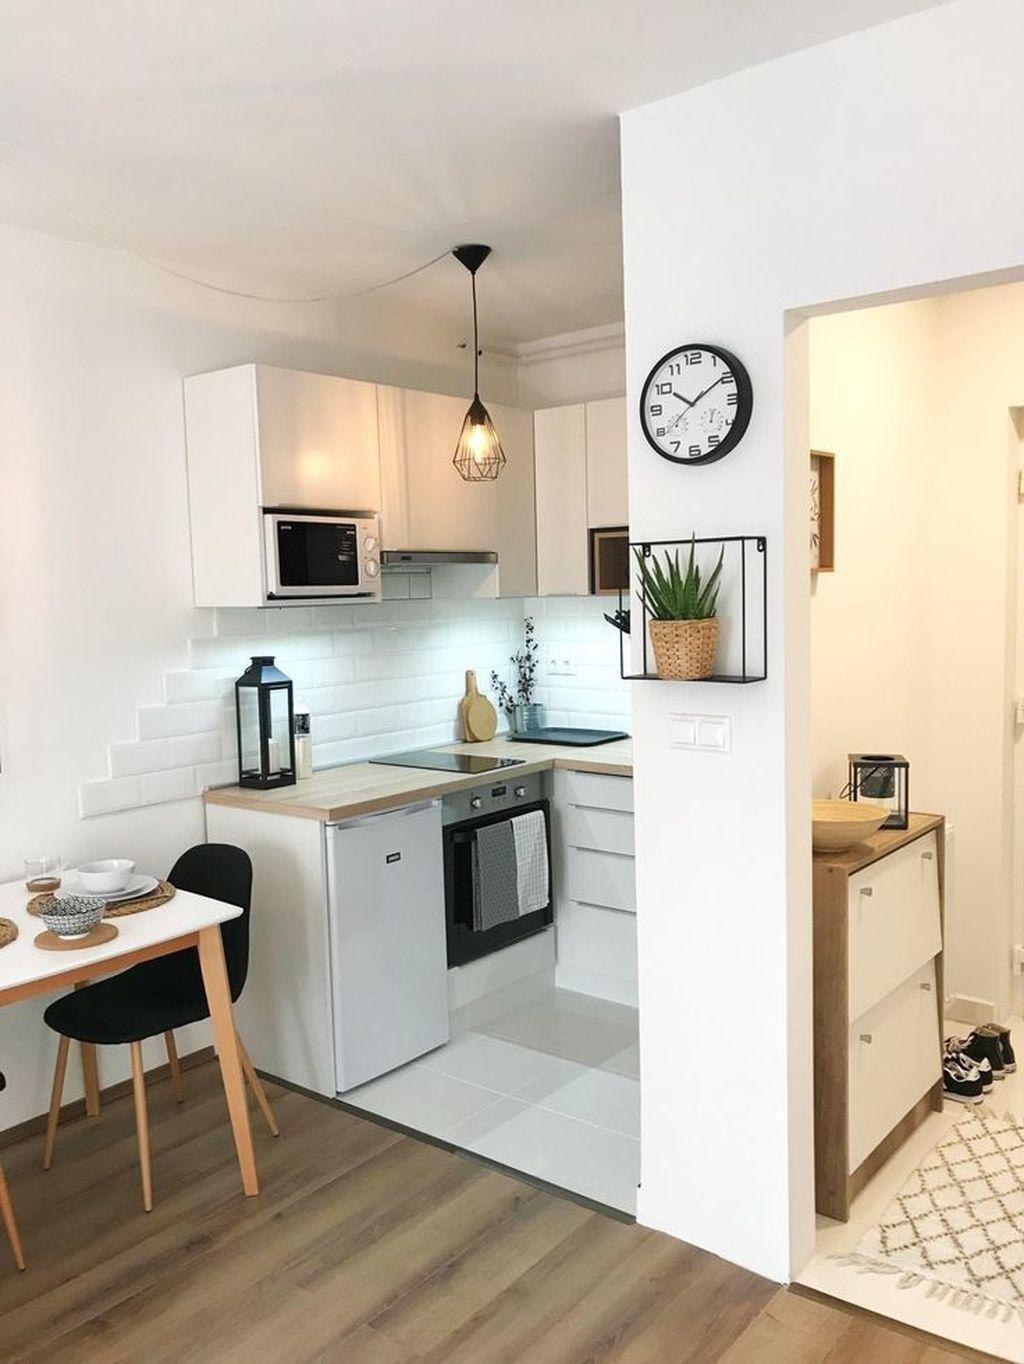 35 Brilliant Small Apartment Kitchen Ideas In 2020 Simple